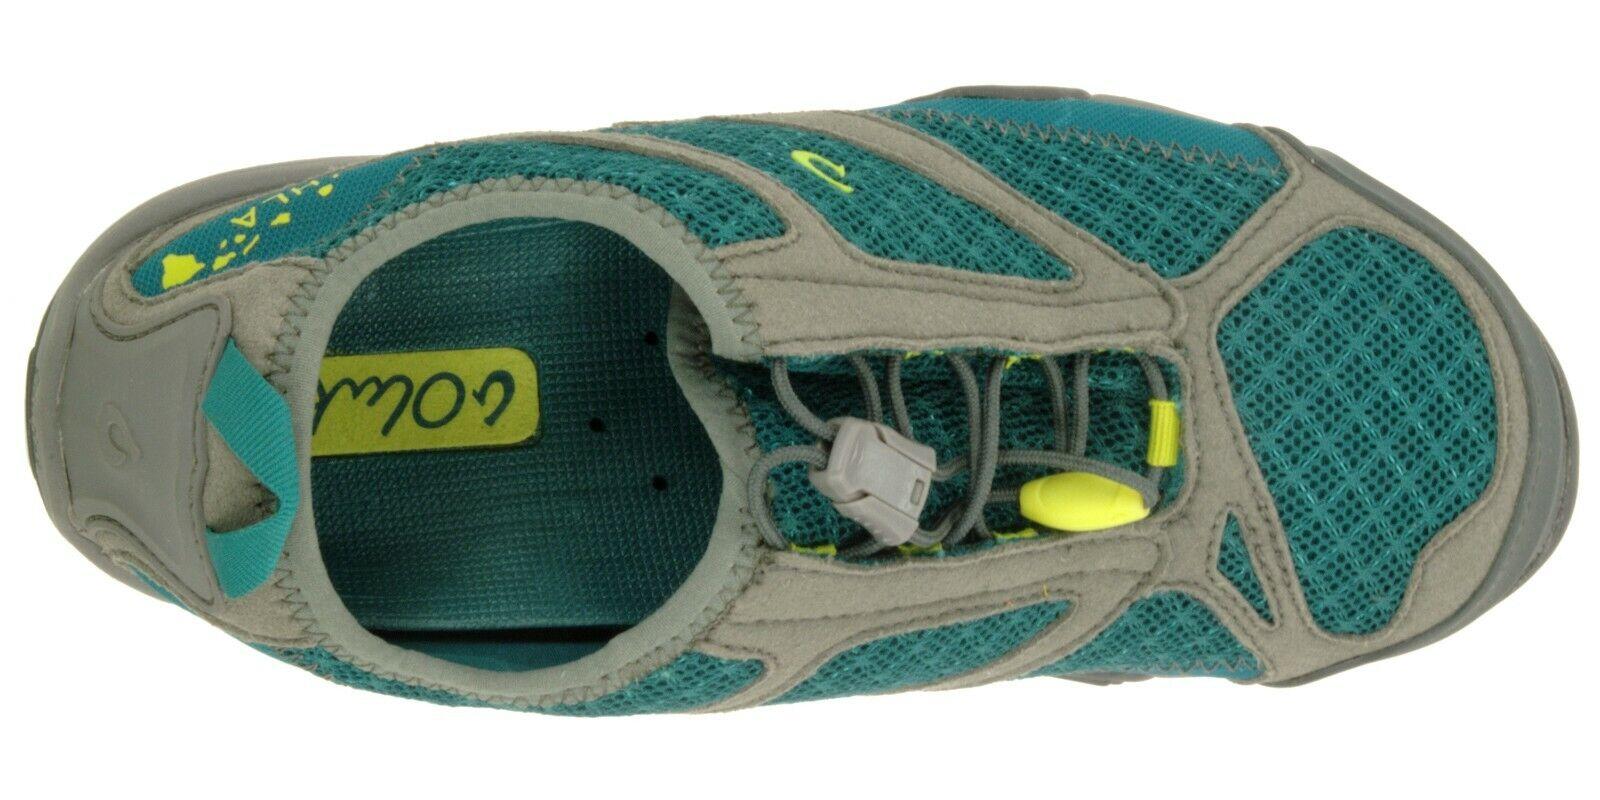 OLUKAI SAMPLE 20291 WOMEN/'S ELEU TRAINER SNEAKER BEACH RUNNING SHOES US 7 EU 37